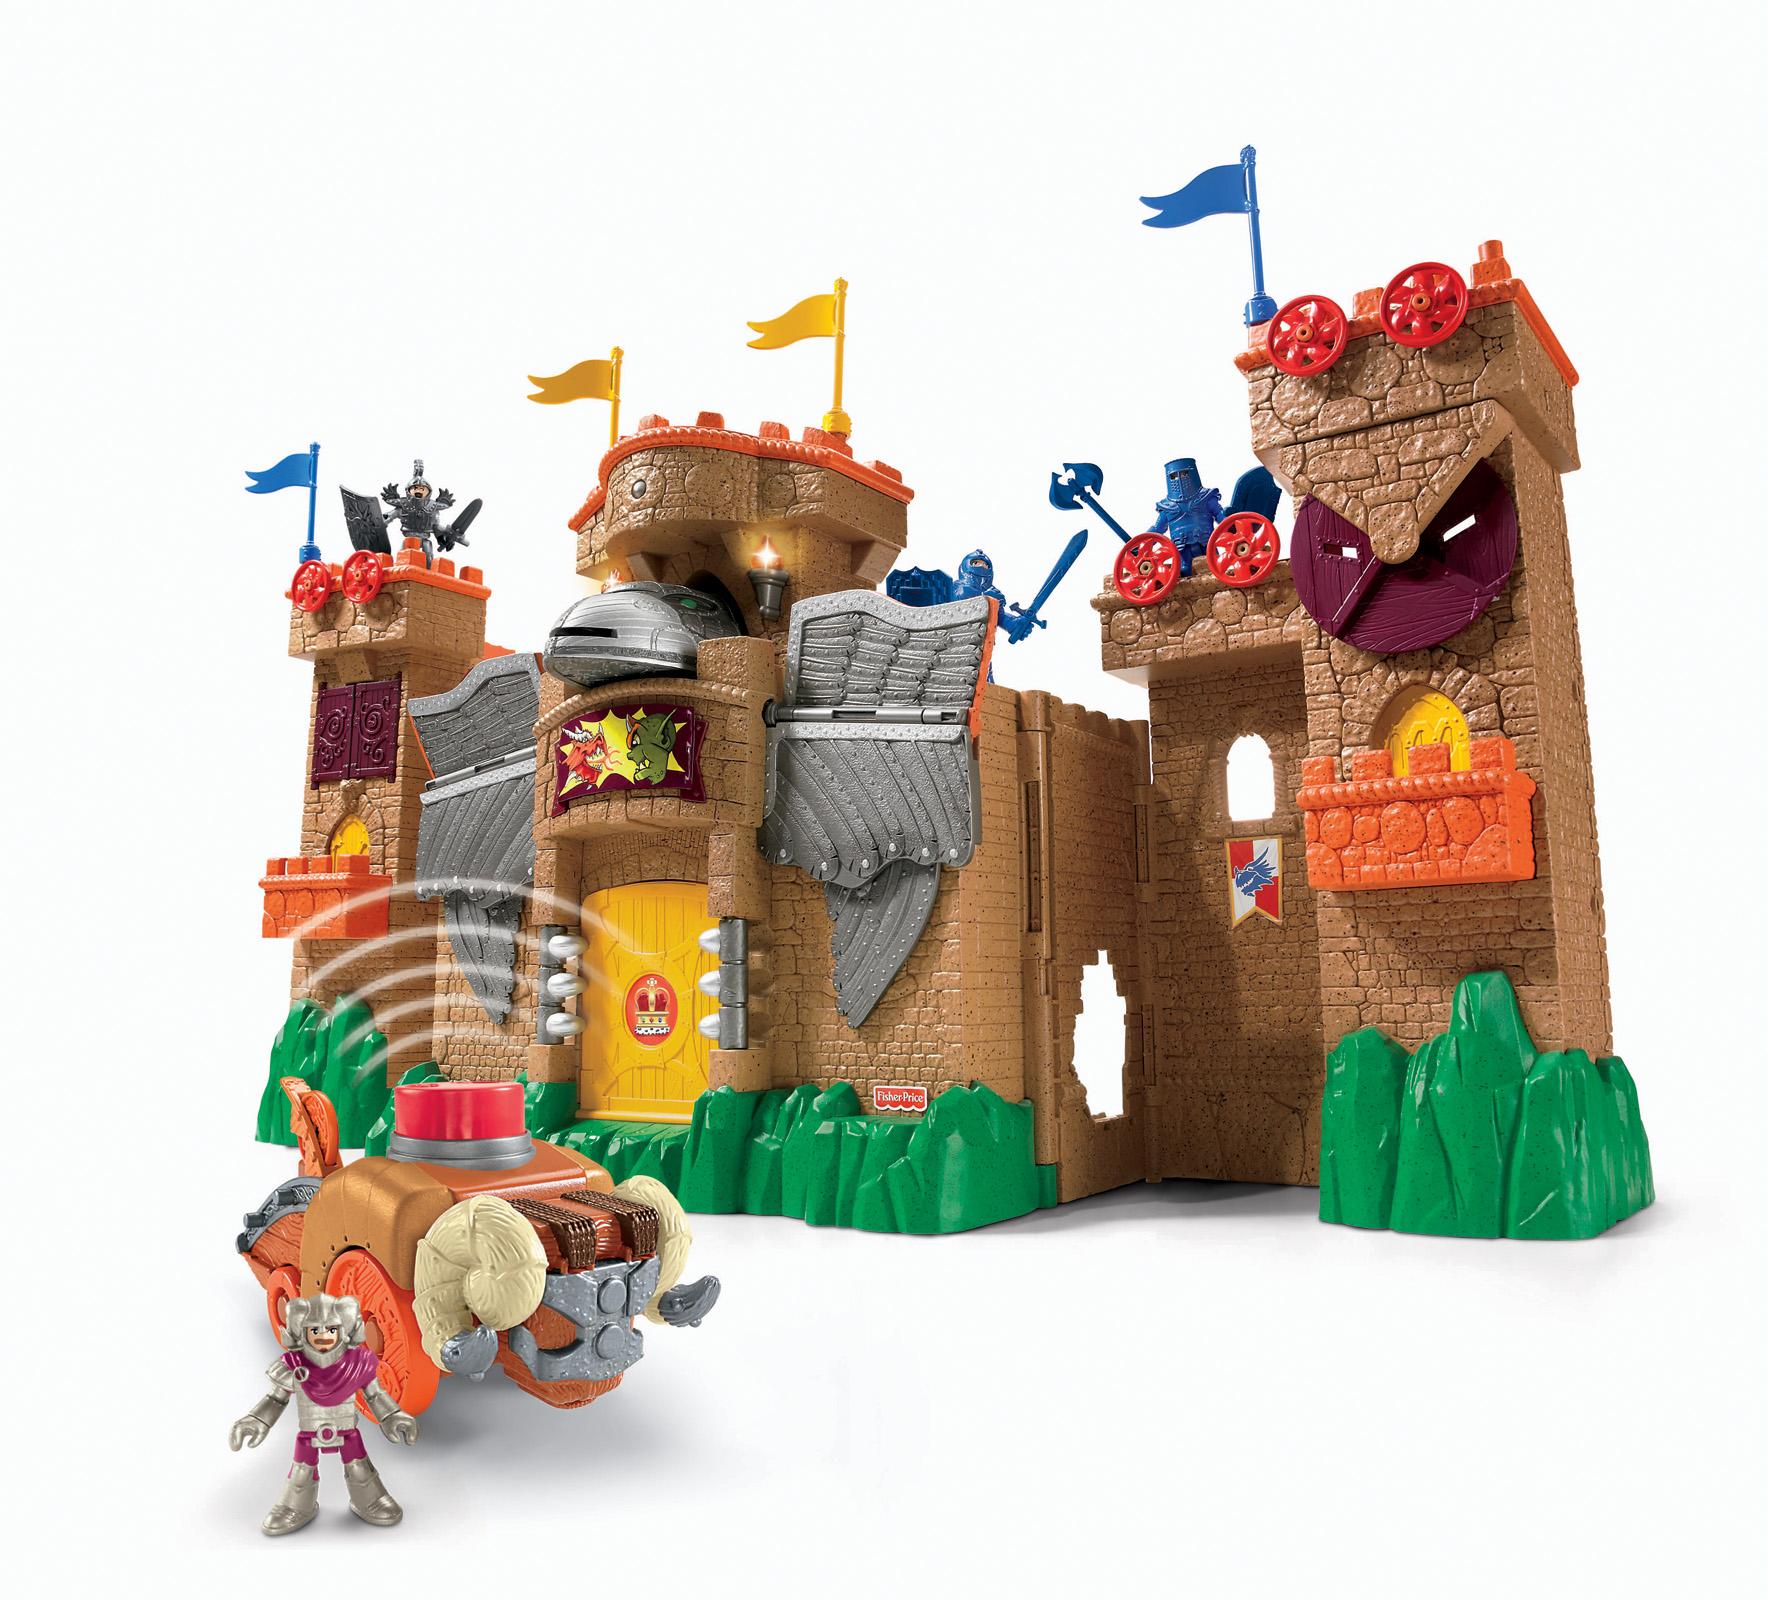 Imaginext Eagle Talon Castle - Toys & Games Action